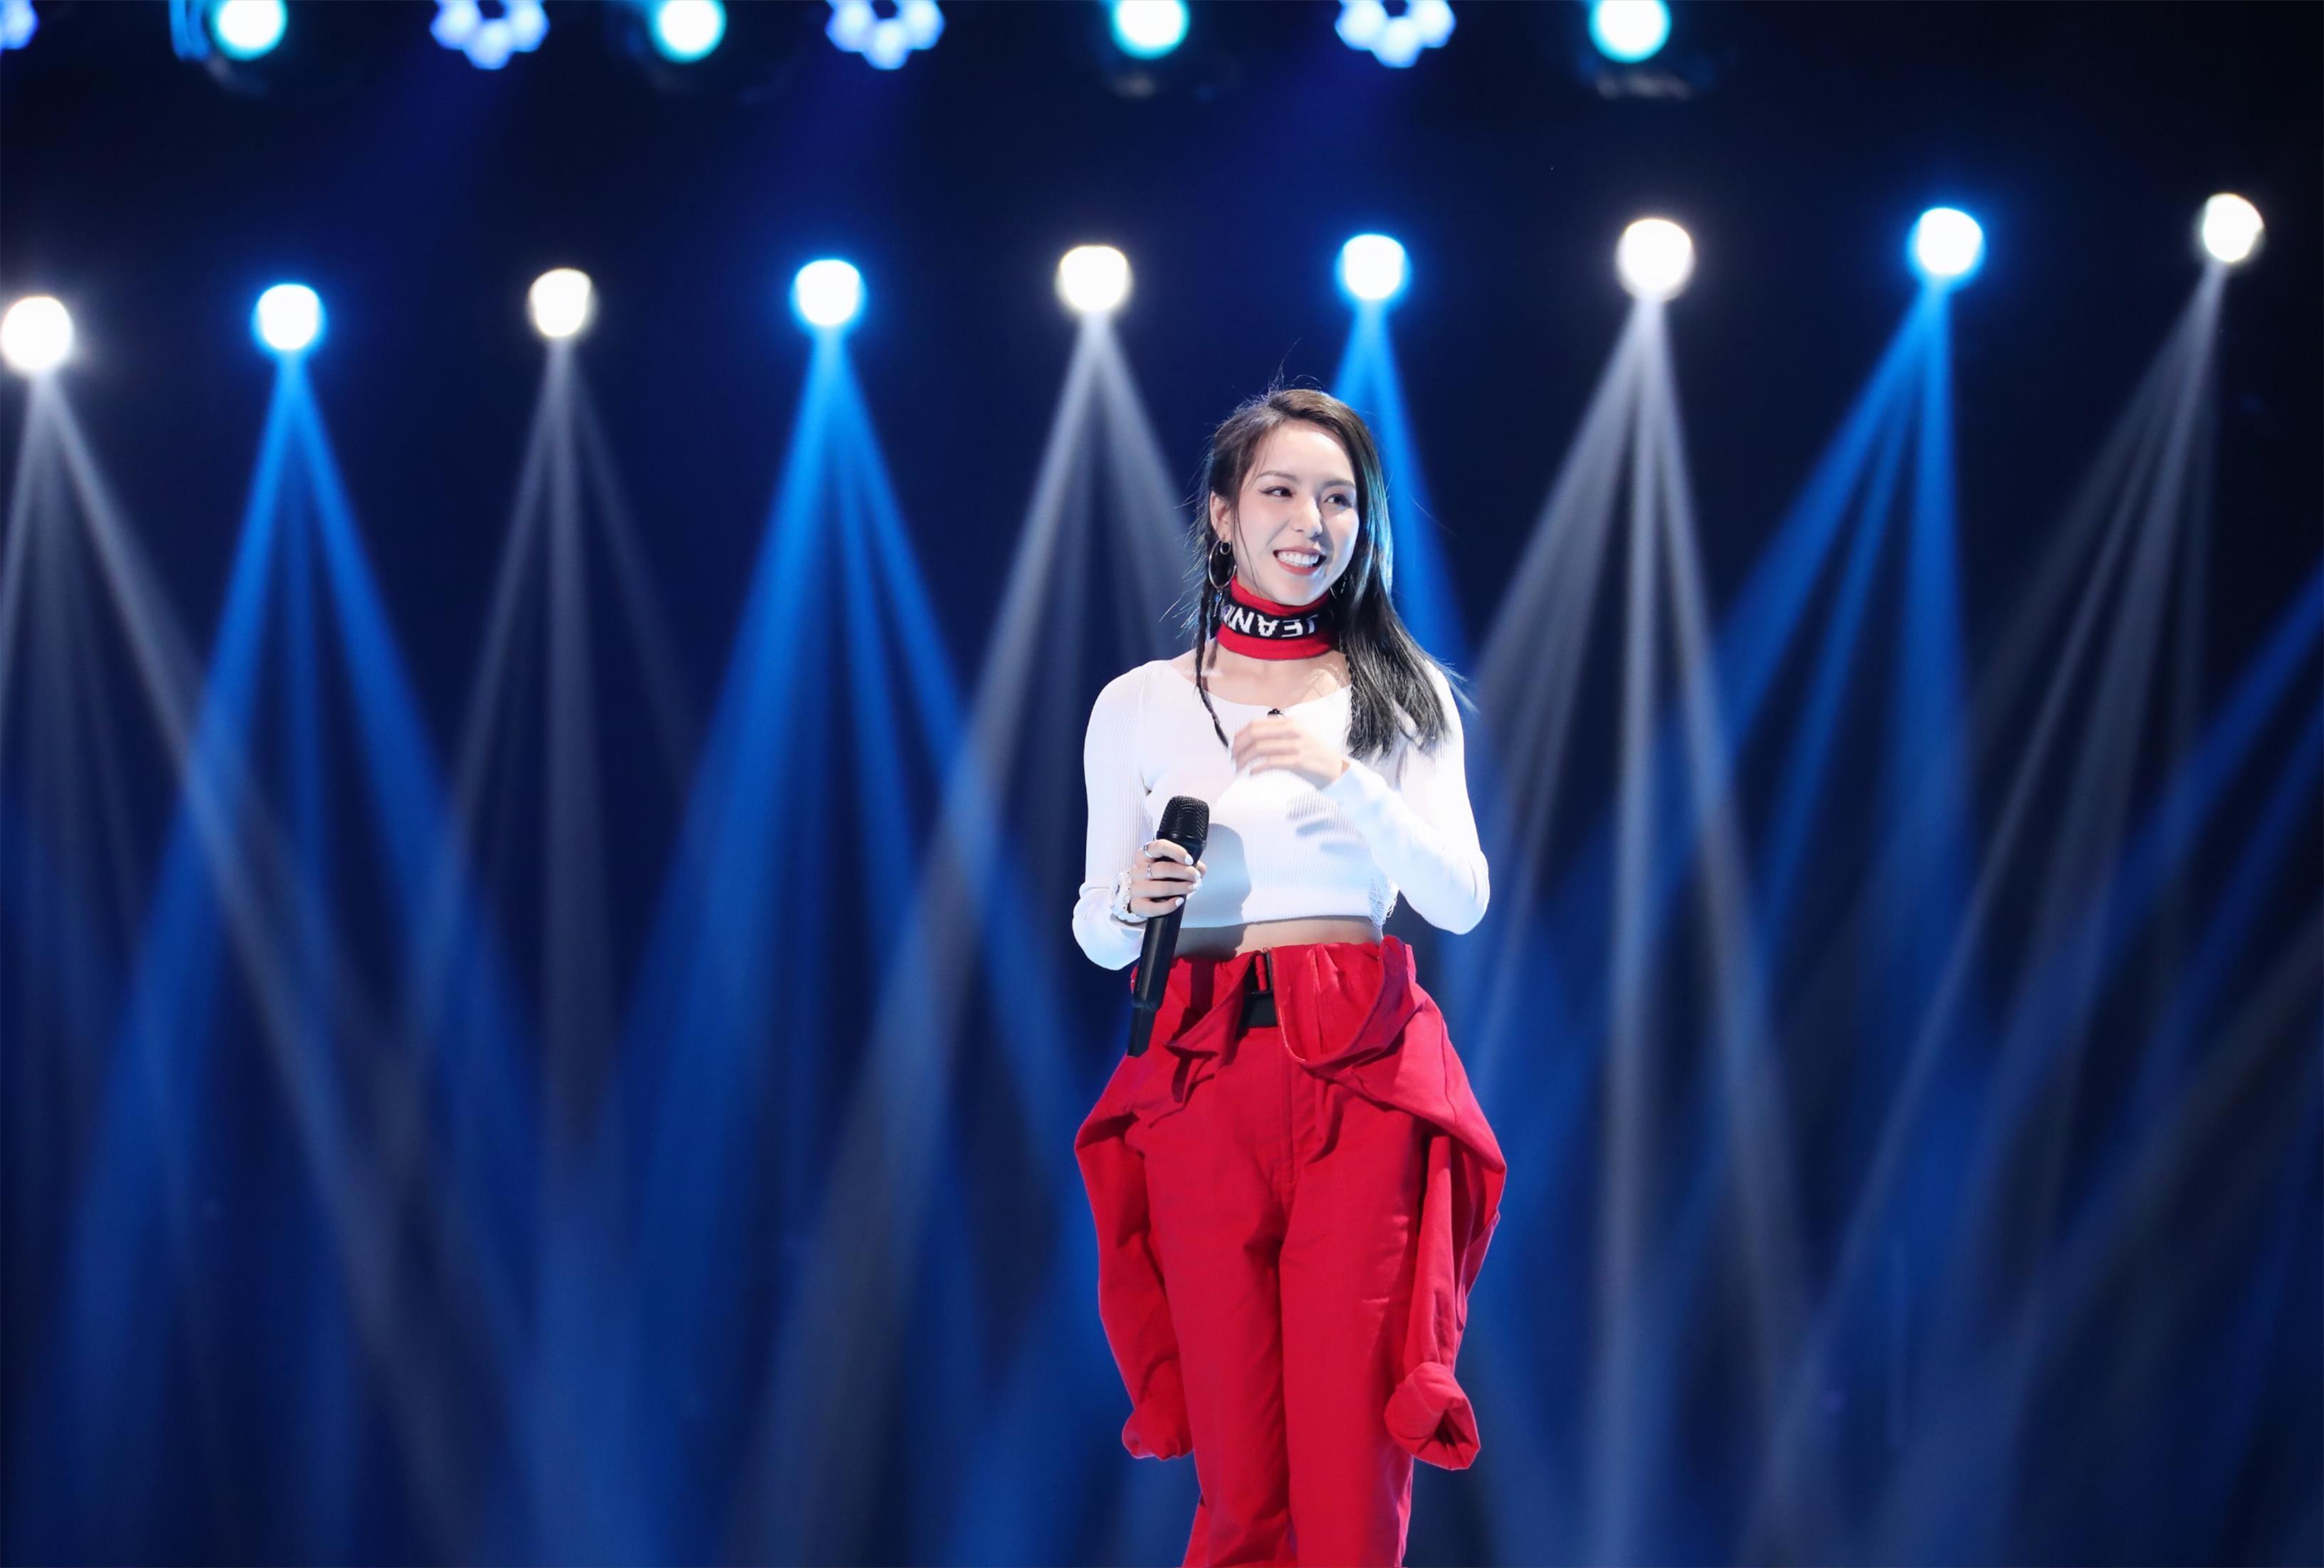 《下一站传奇》DJ女孩蒋语原创歌曲获周笔畅赞